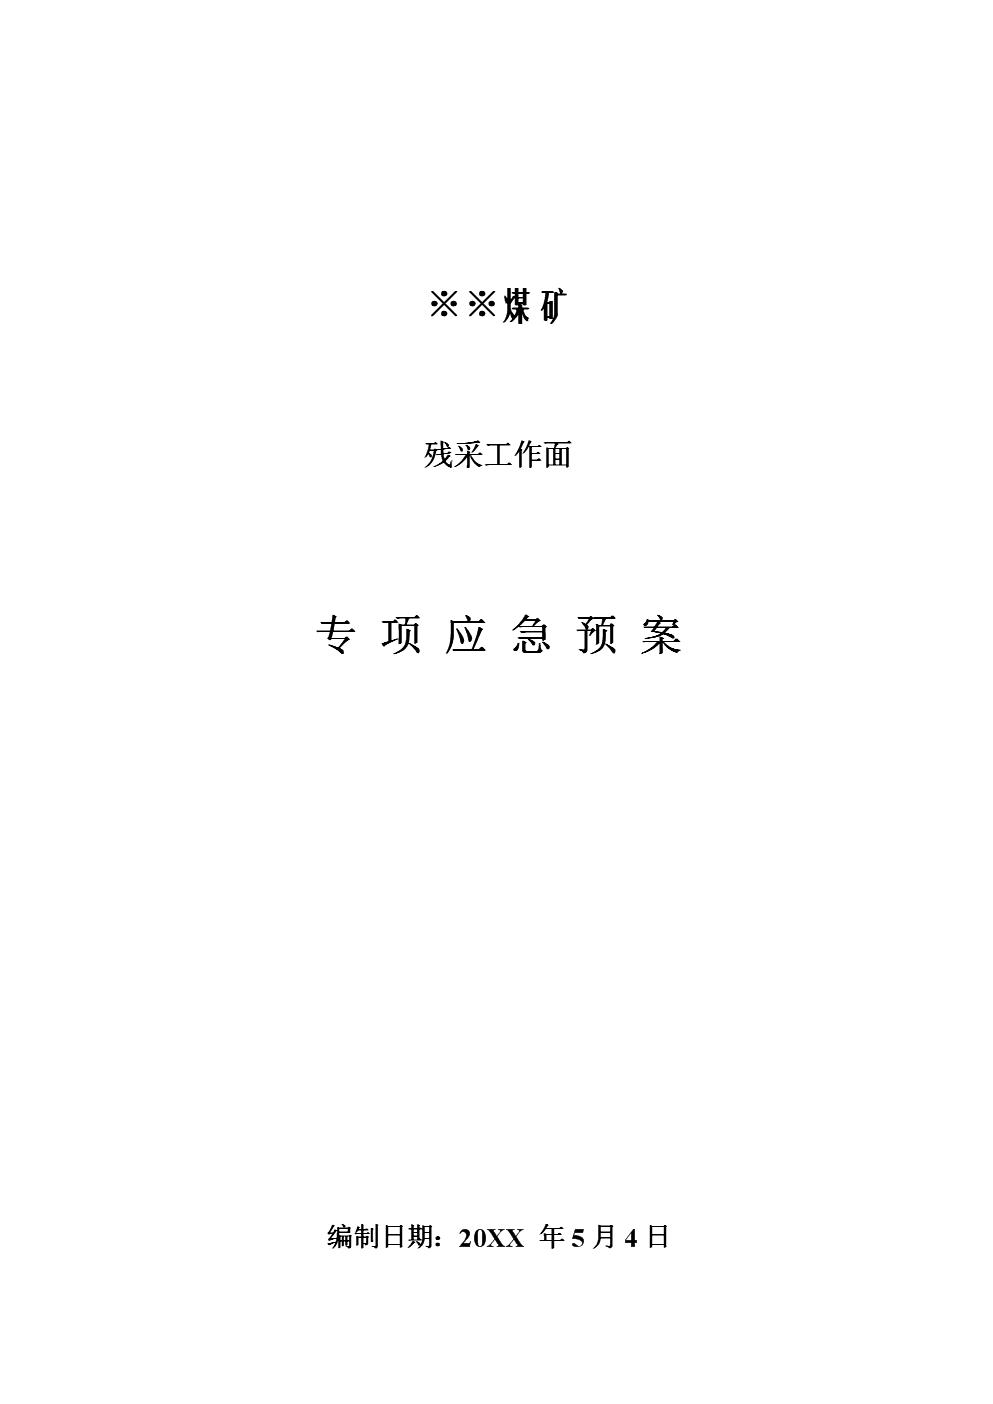 残采工作面专项应急专项预案.doc